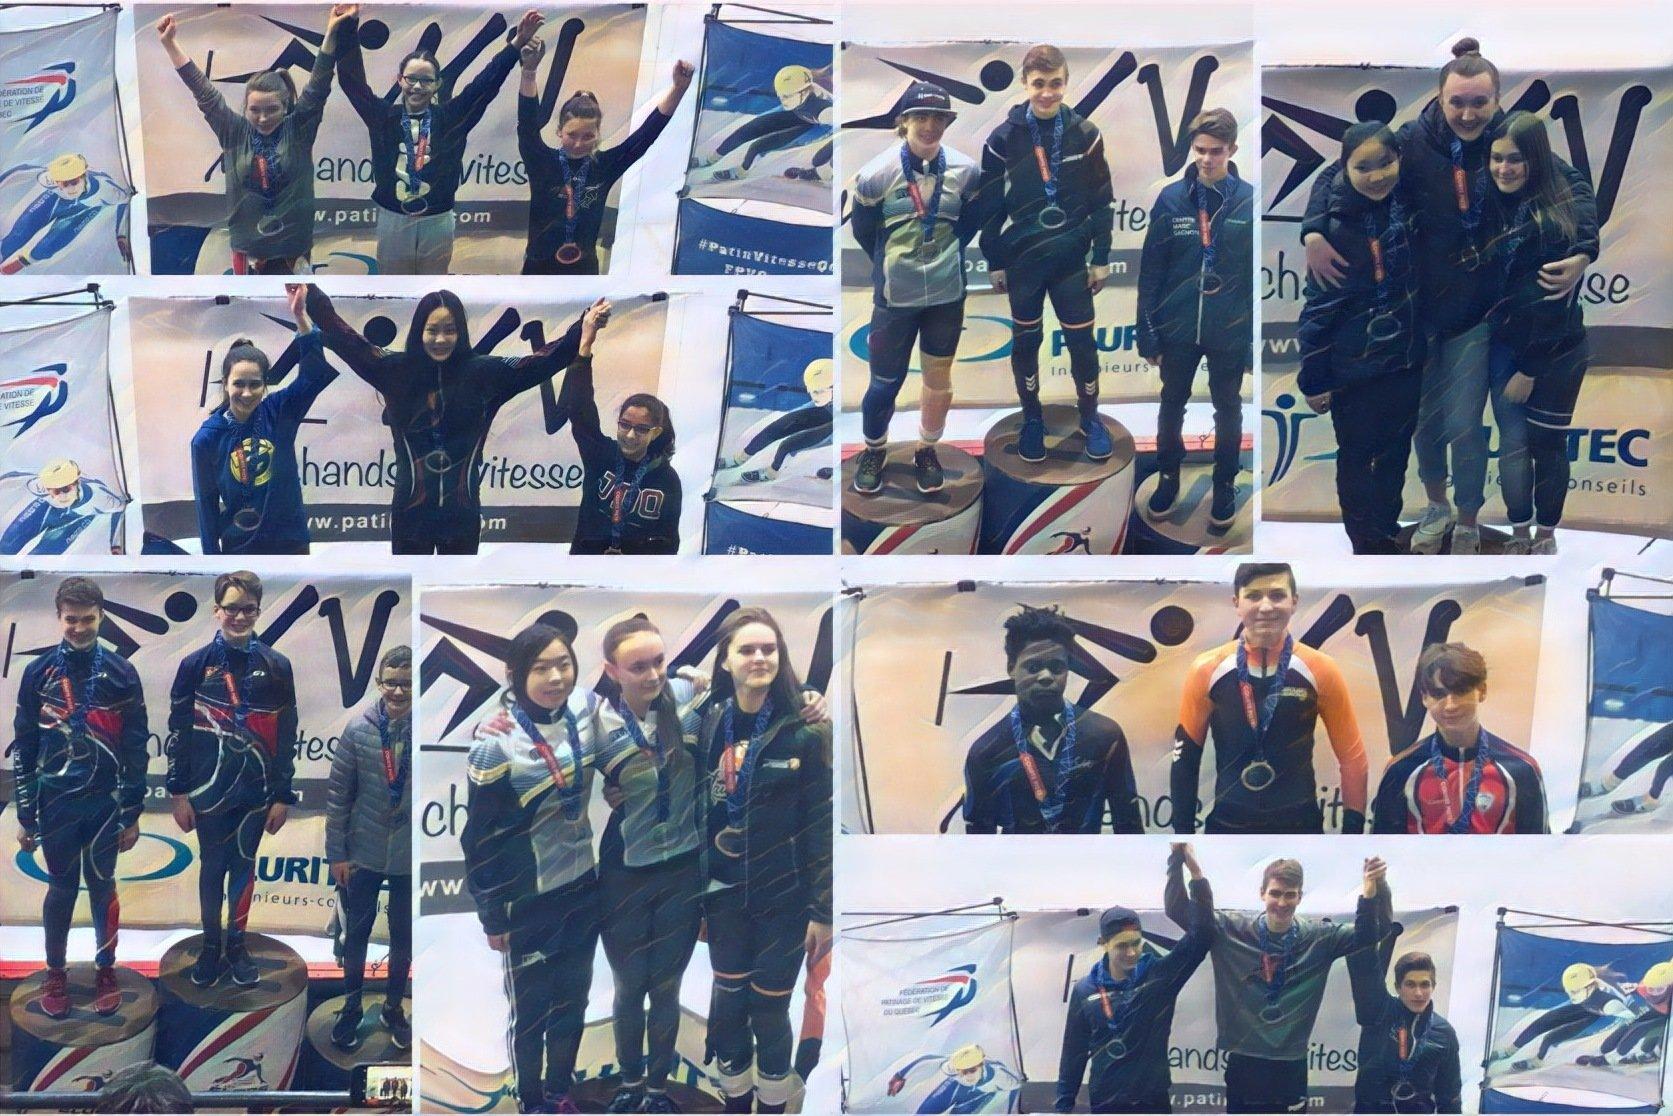 Les trois premiers au classement général pour chaque catégorie d'âge sont montés sur le podium des Championnats québécois par catégorie d'âge, à Trois-Rivières, les 16 et 17 mars 2019.